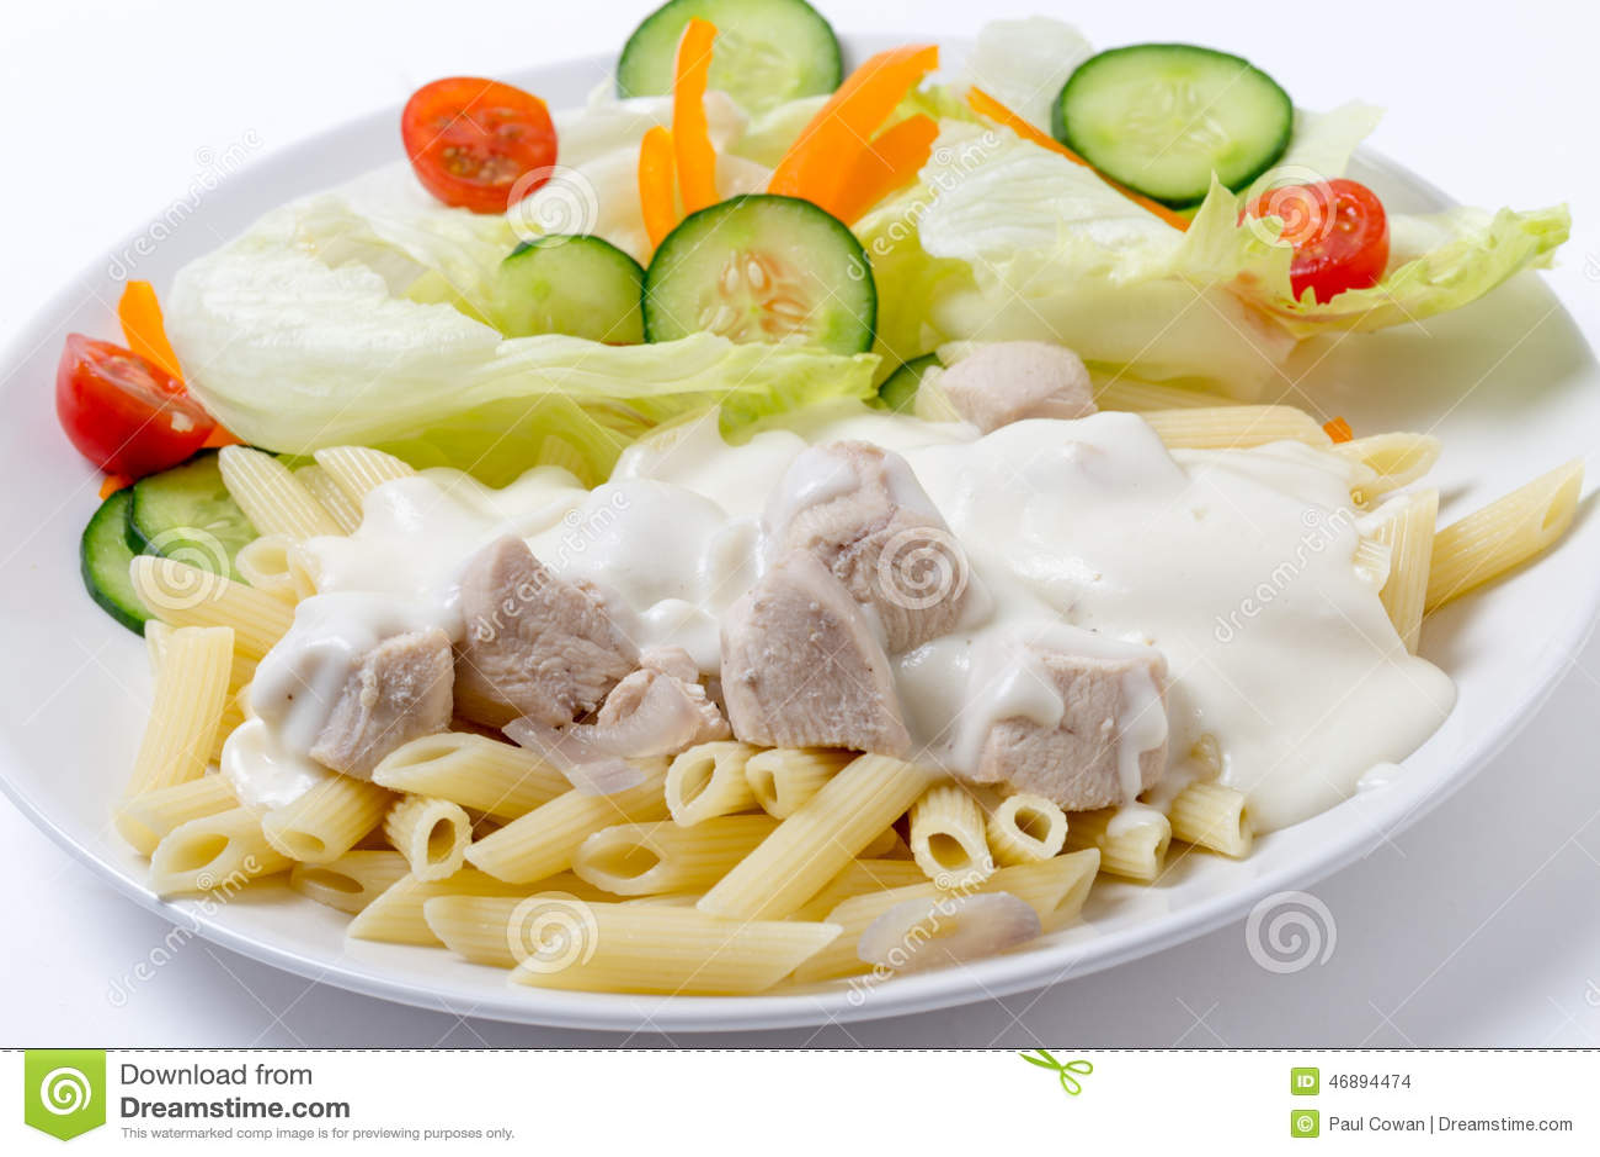 vit sås till pasta